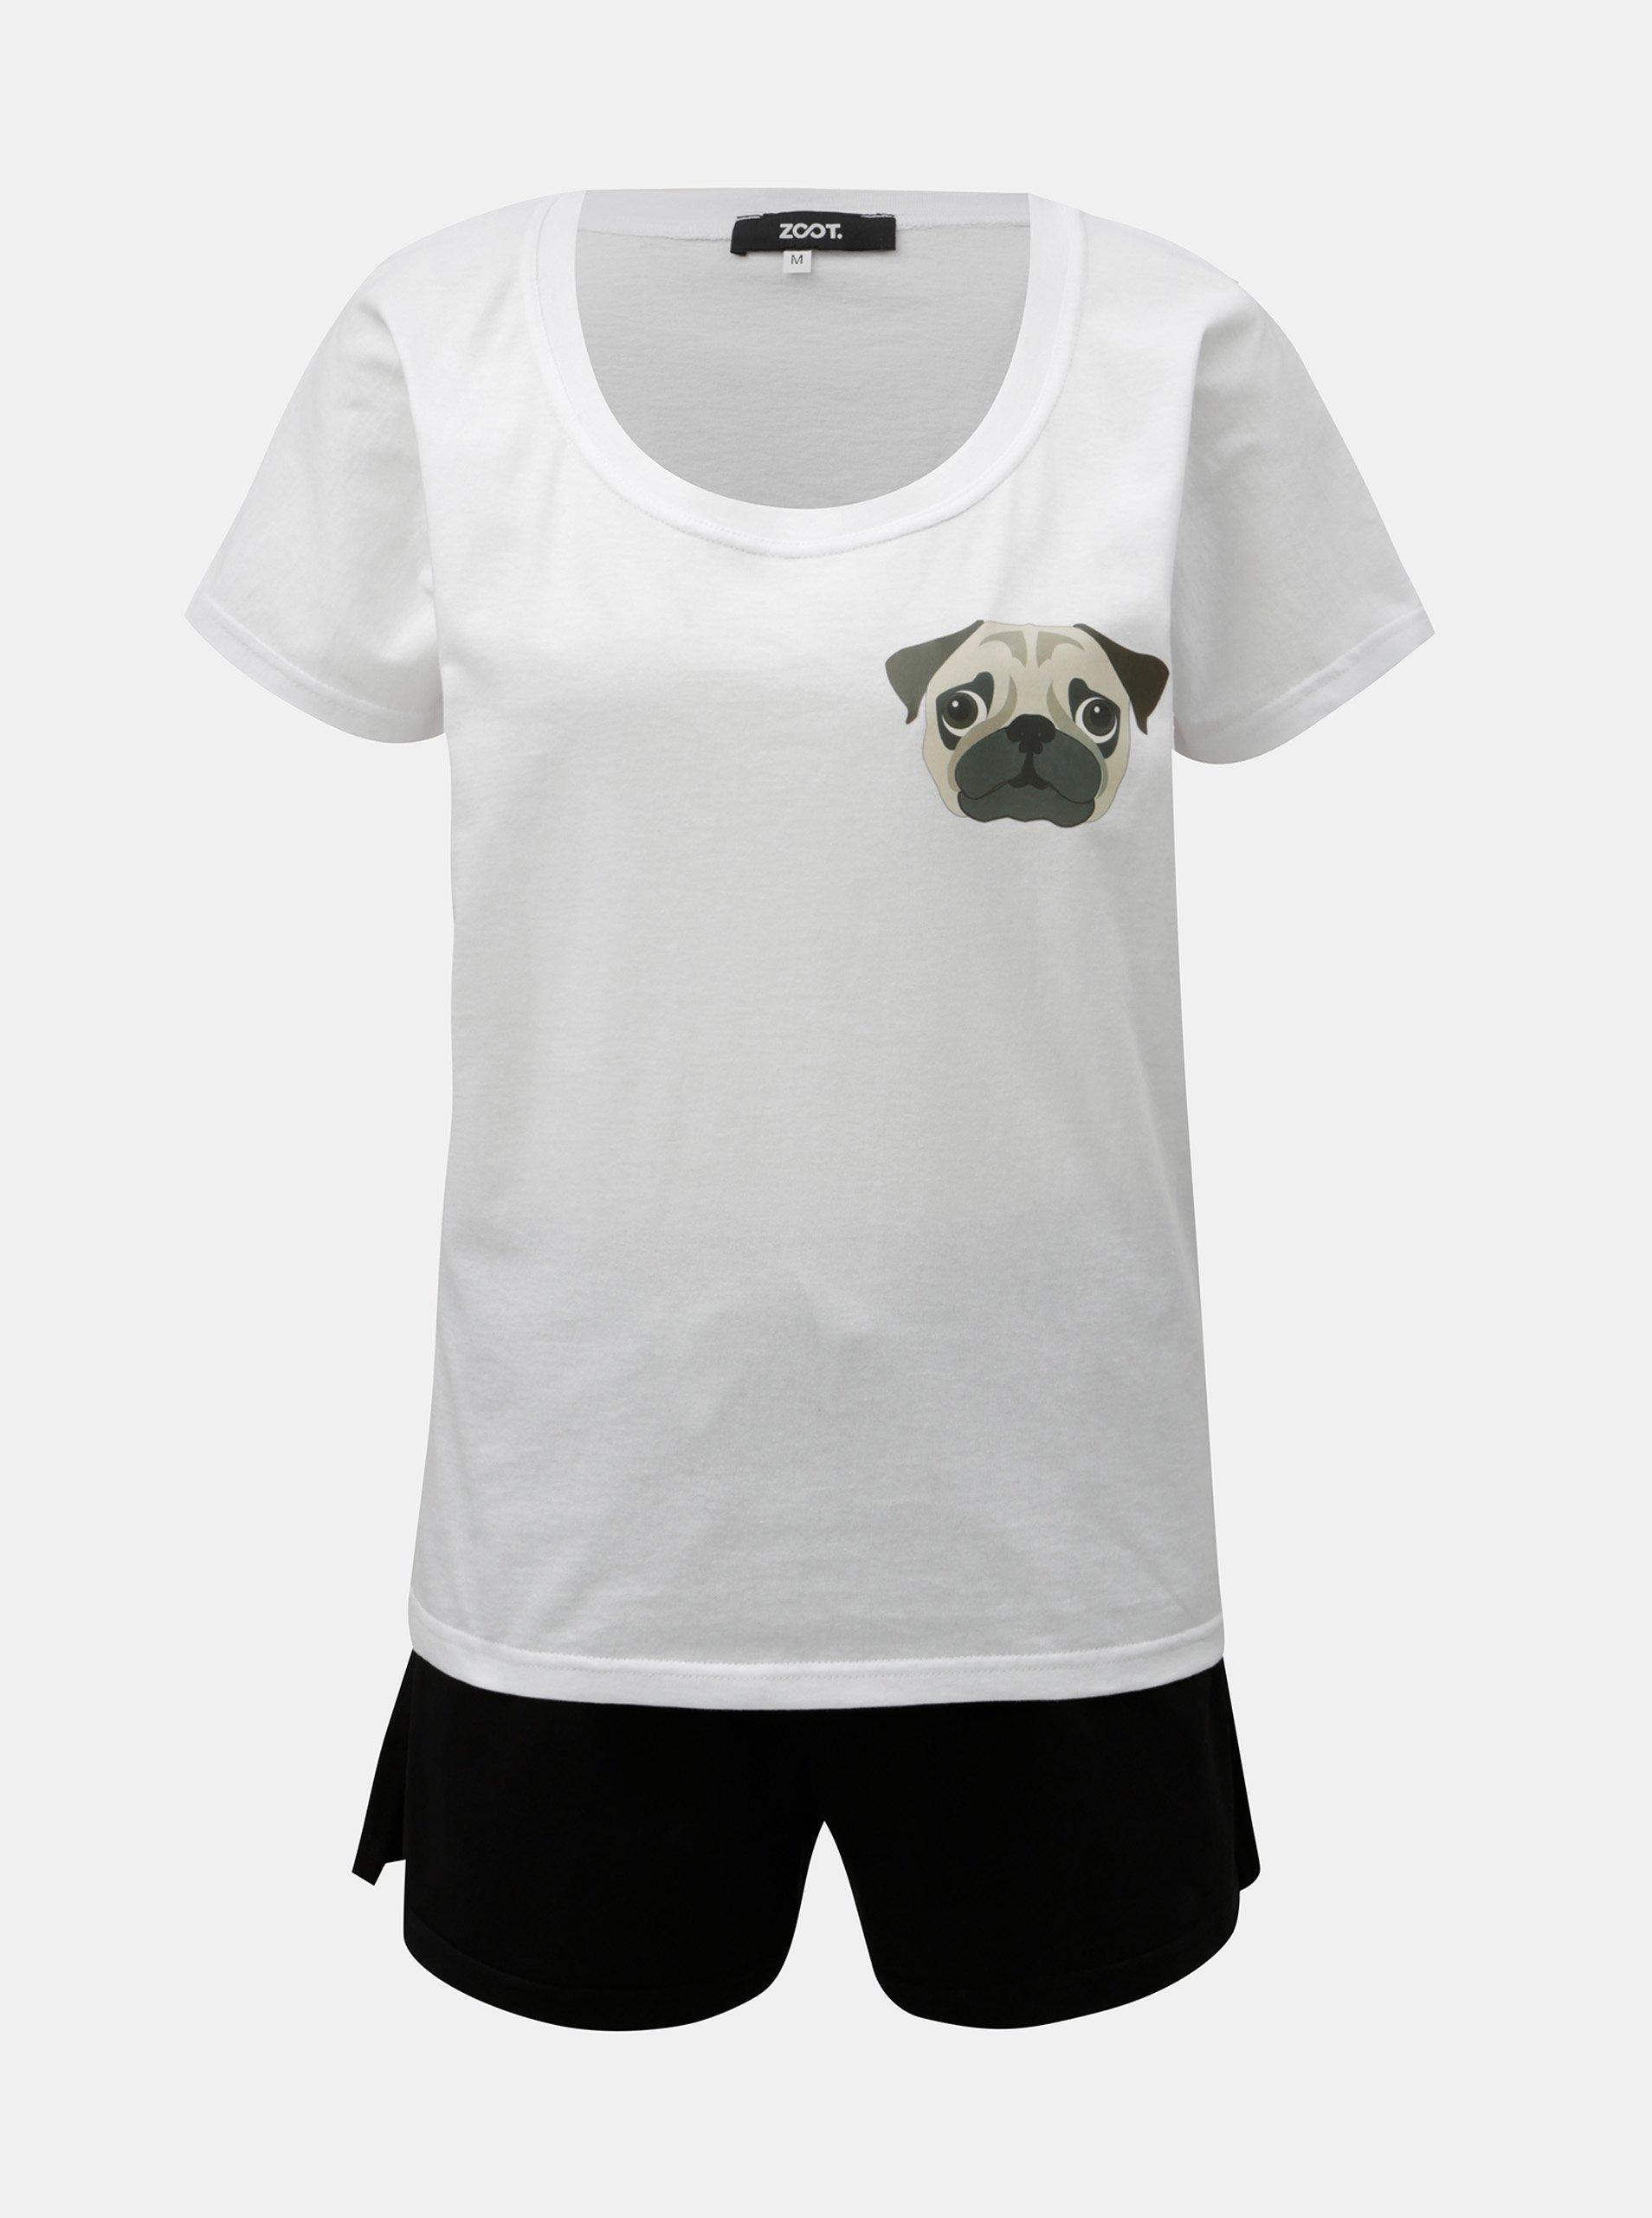 Čierno–biele dámske dvojdielne pyžamo s potlačou ZOOT Mops